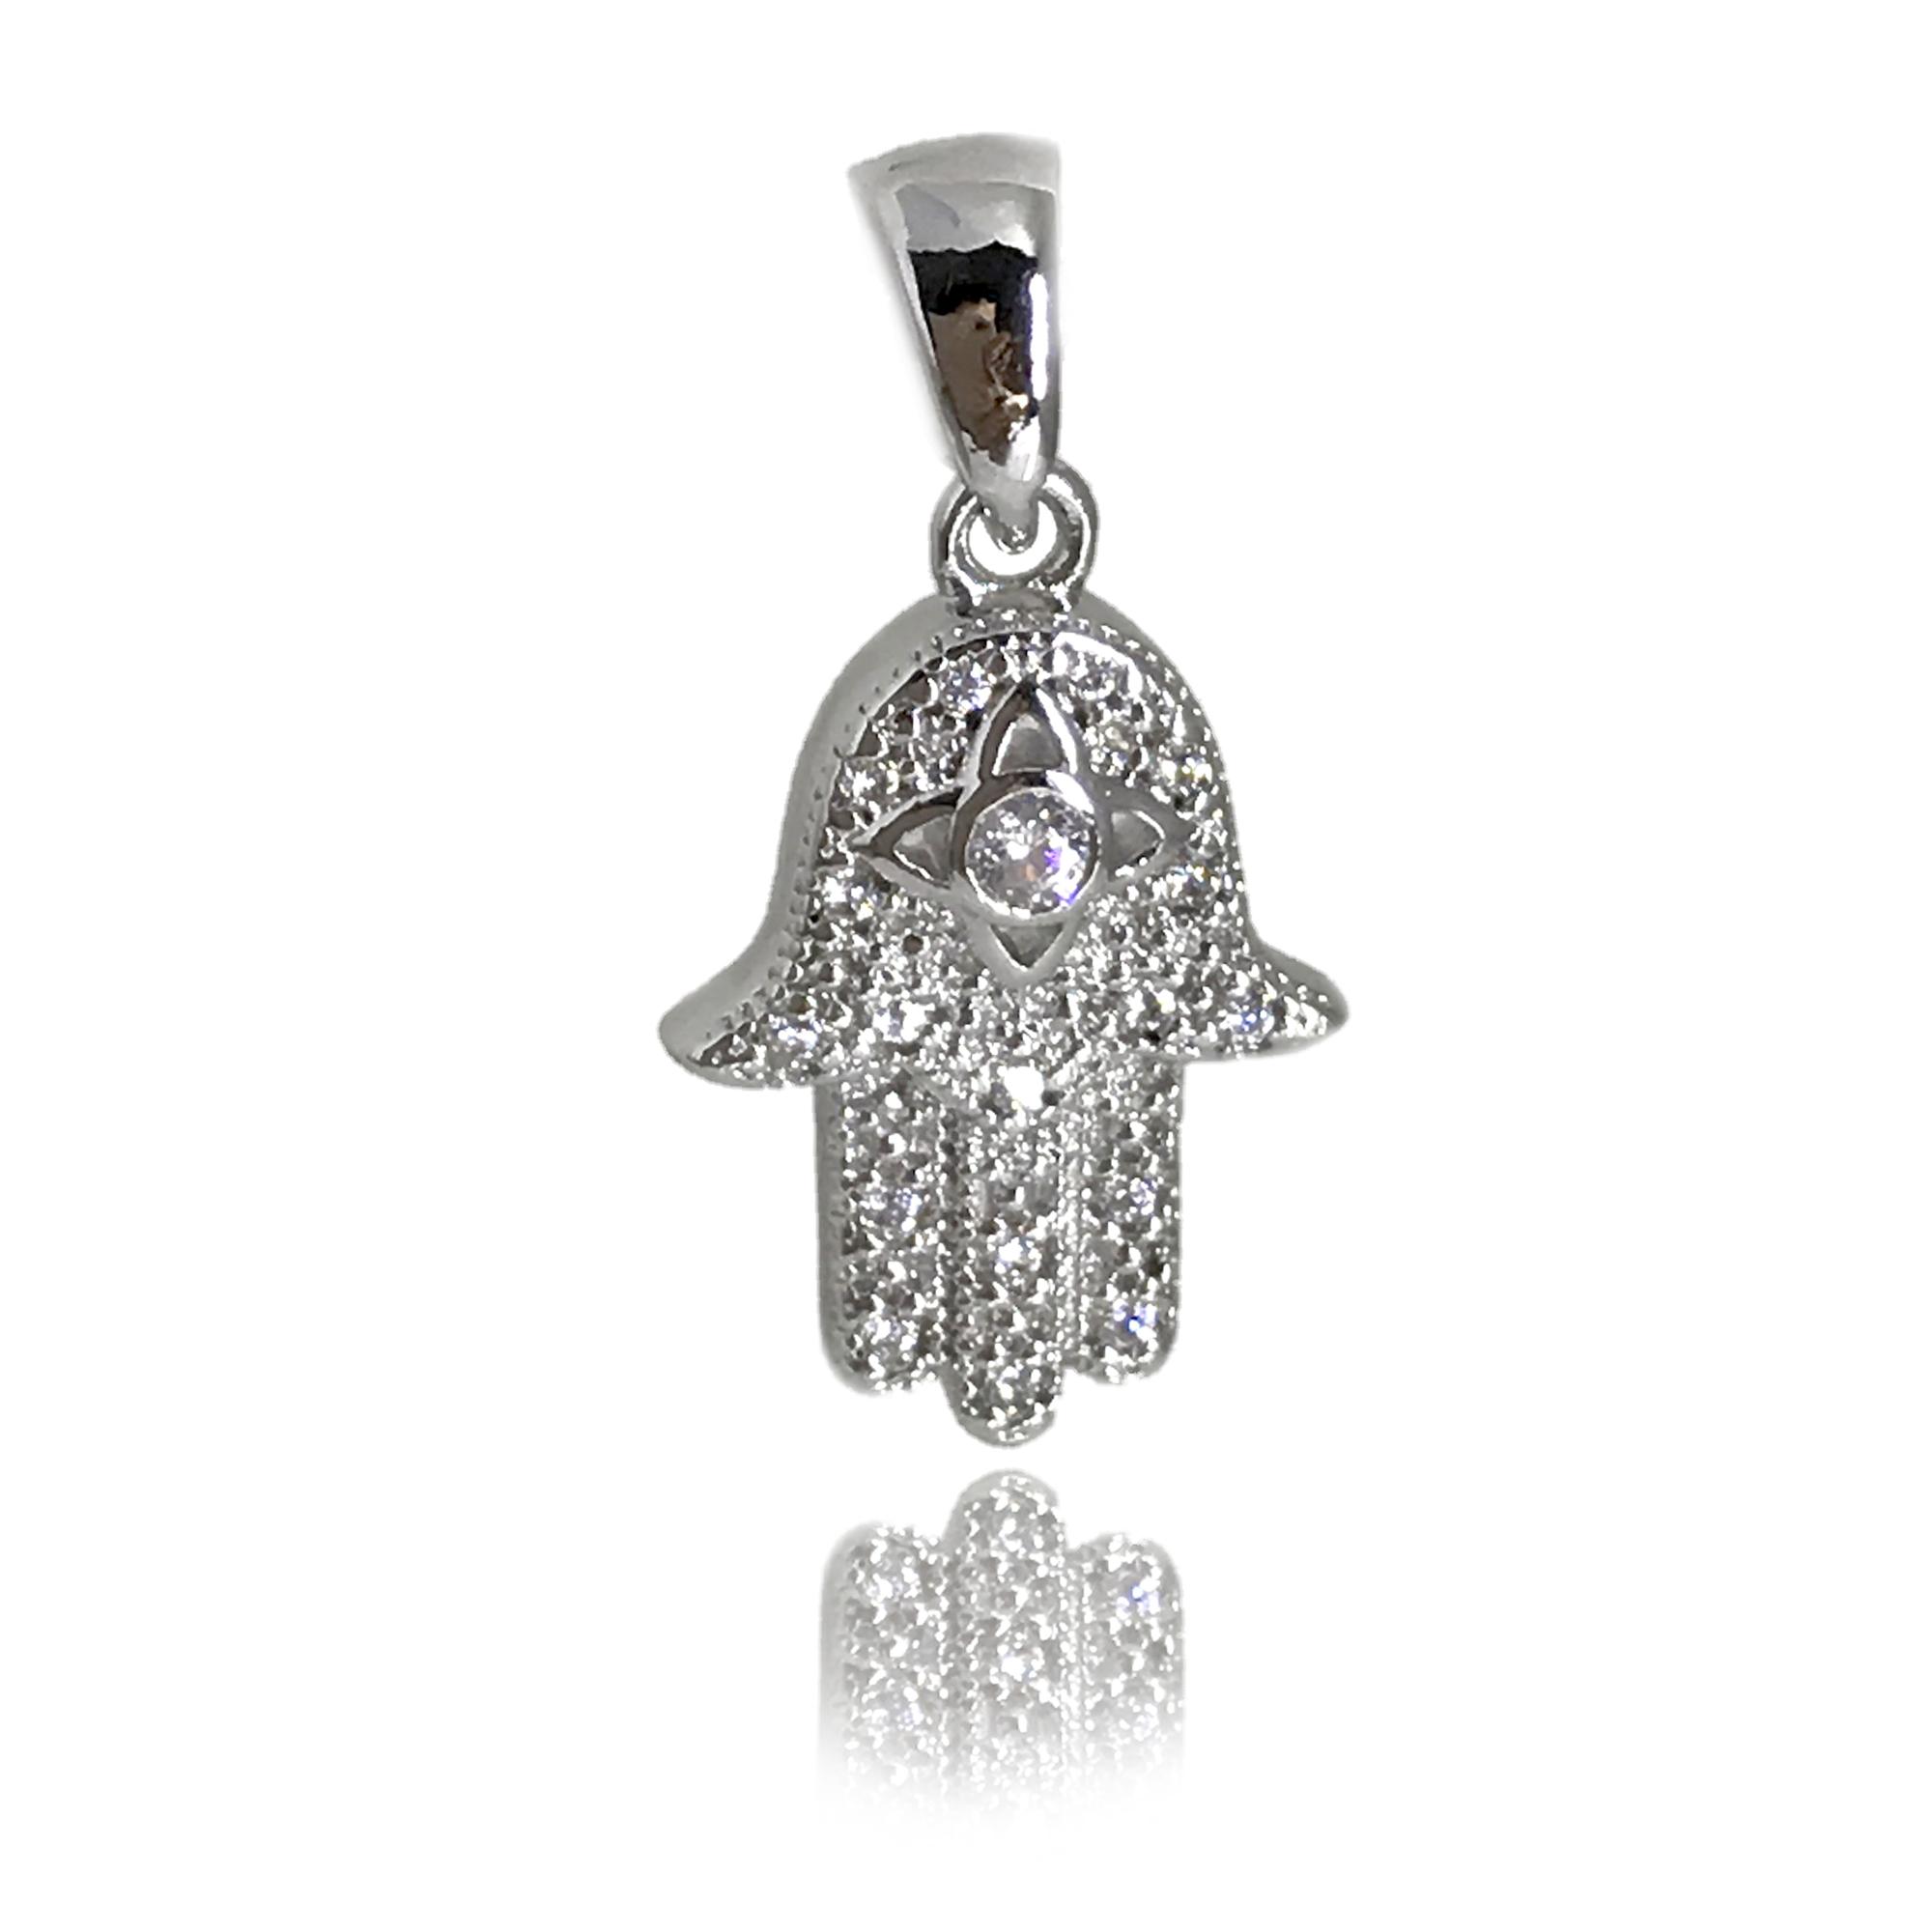 Pingente pequeno de hamsá (mão de Fátima) cravejado com mini cristais folheado no ródio branco